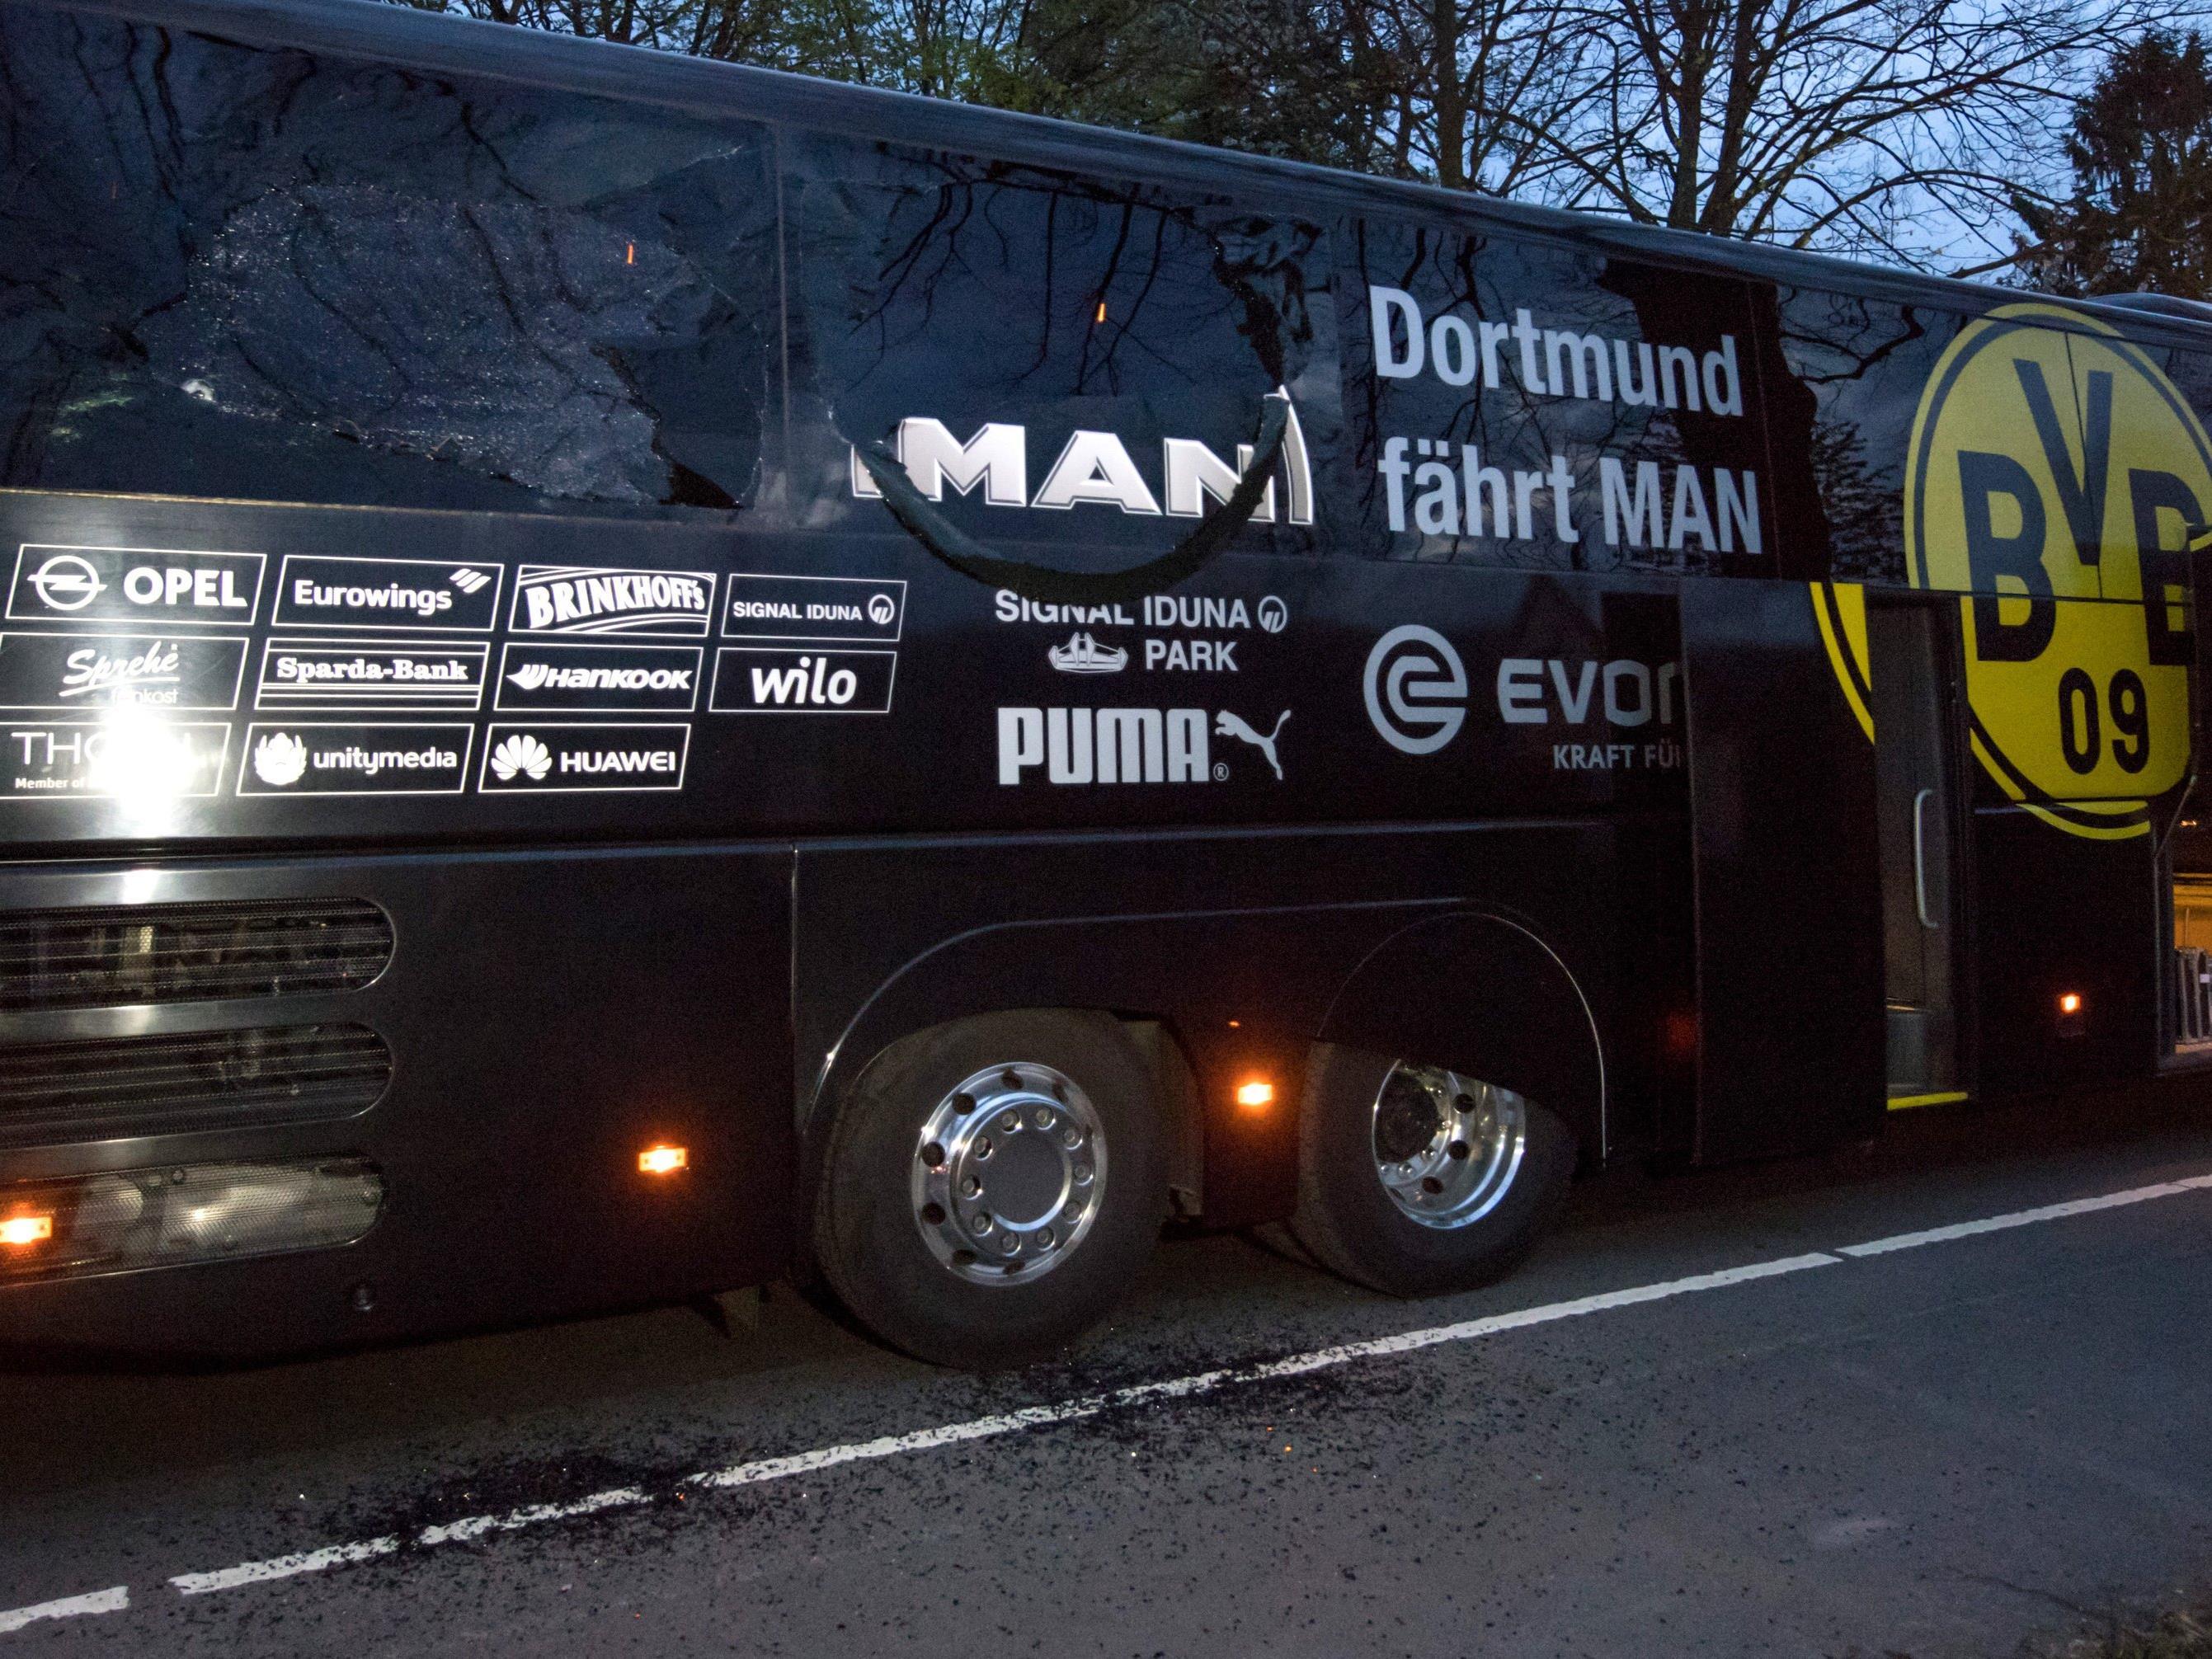 Dem im Zusammenhang mit dem Anschlag auf den Mannschaftsbus des BVB Festgenommenen, konnte keine Tatbeteiligung nachgewiesen werden. Er soll jedoch IS-Mitglied sein.